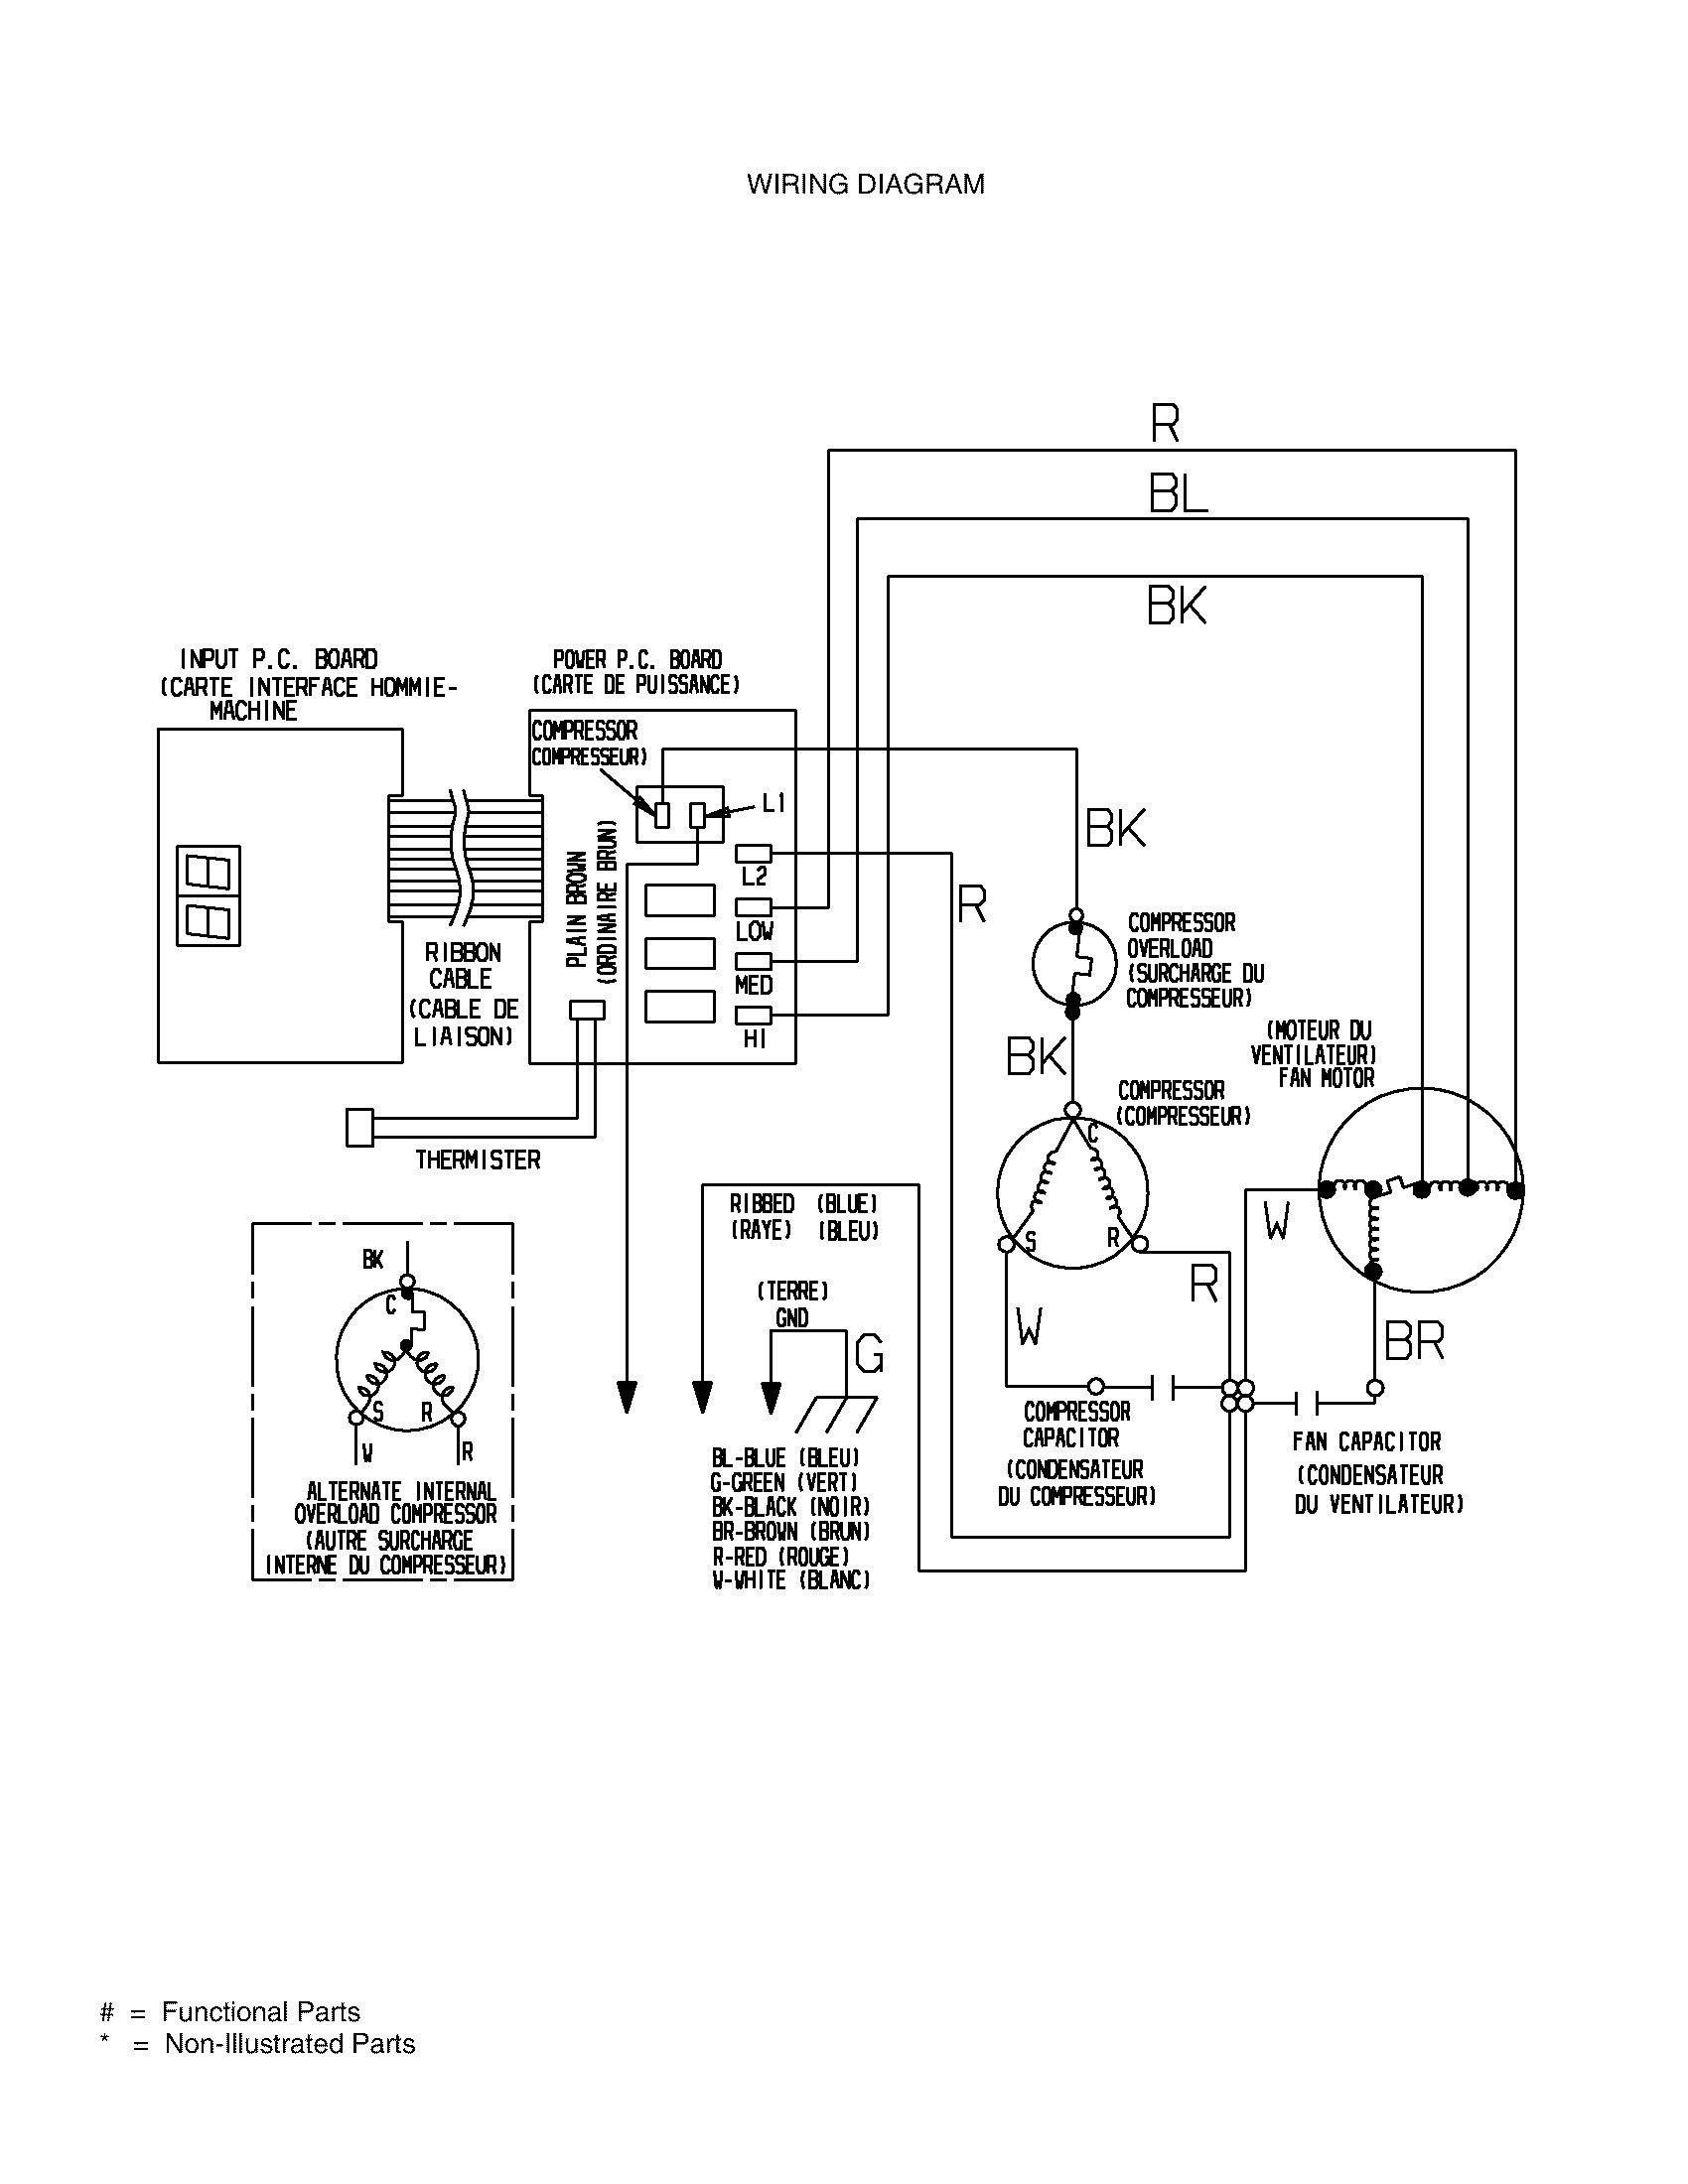 Air Conditioner Wiring Diagram Pdf in 2020 Diagram